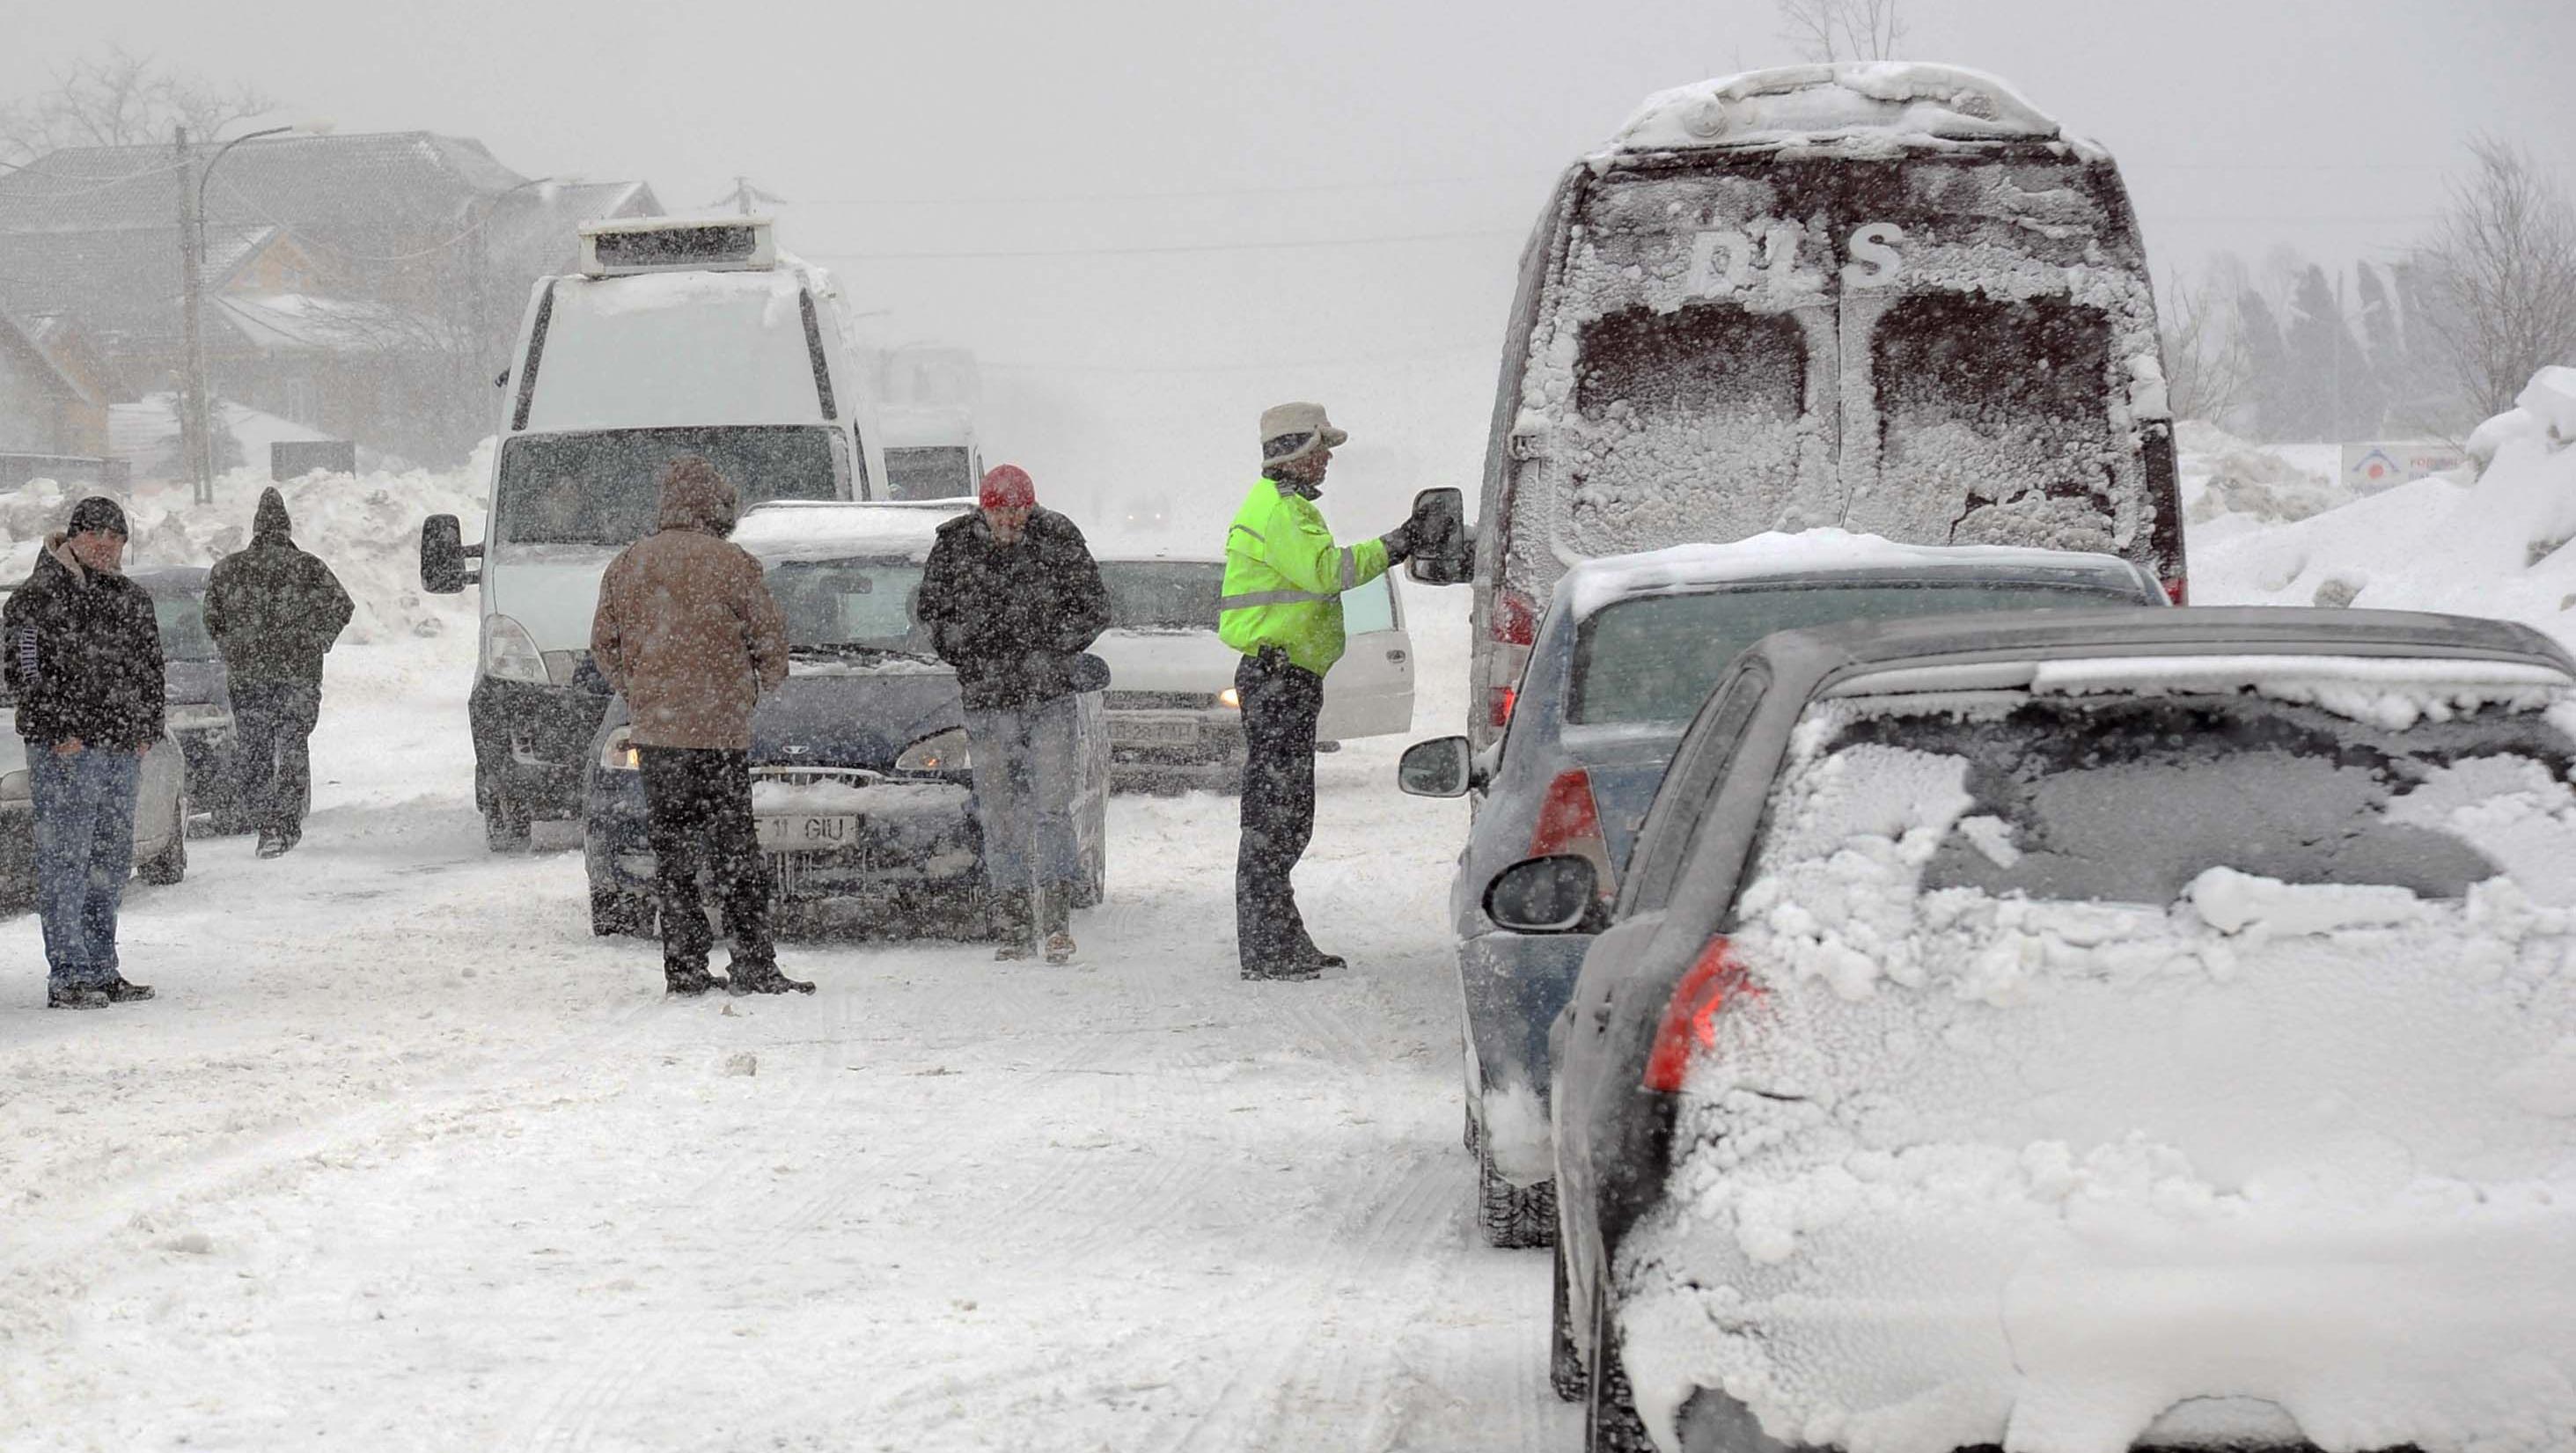 ALERTĂ METEO! Intensificări ale vântului şi precipitaţii sub formă de ninsoare, în Teleorman